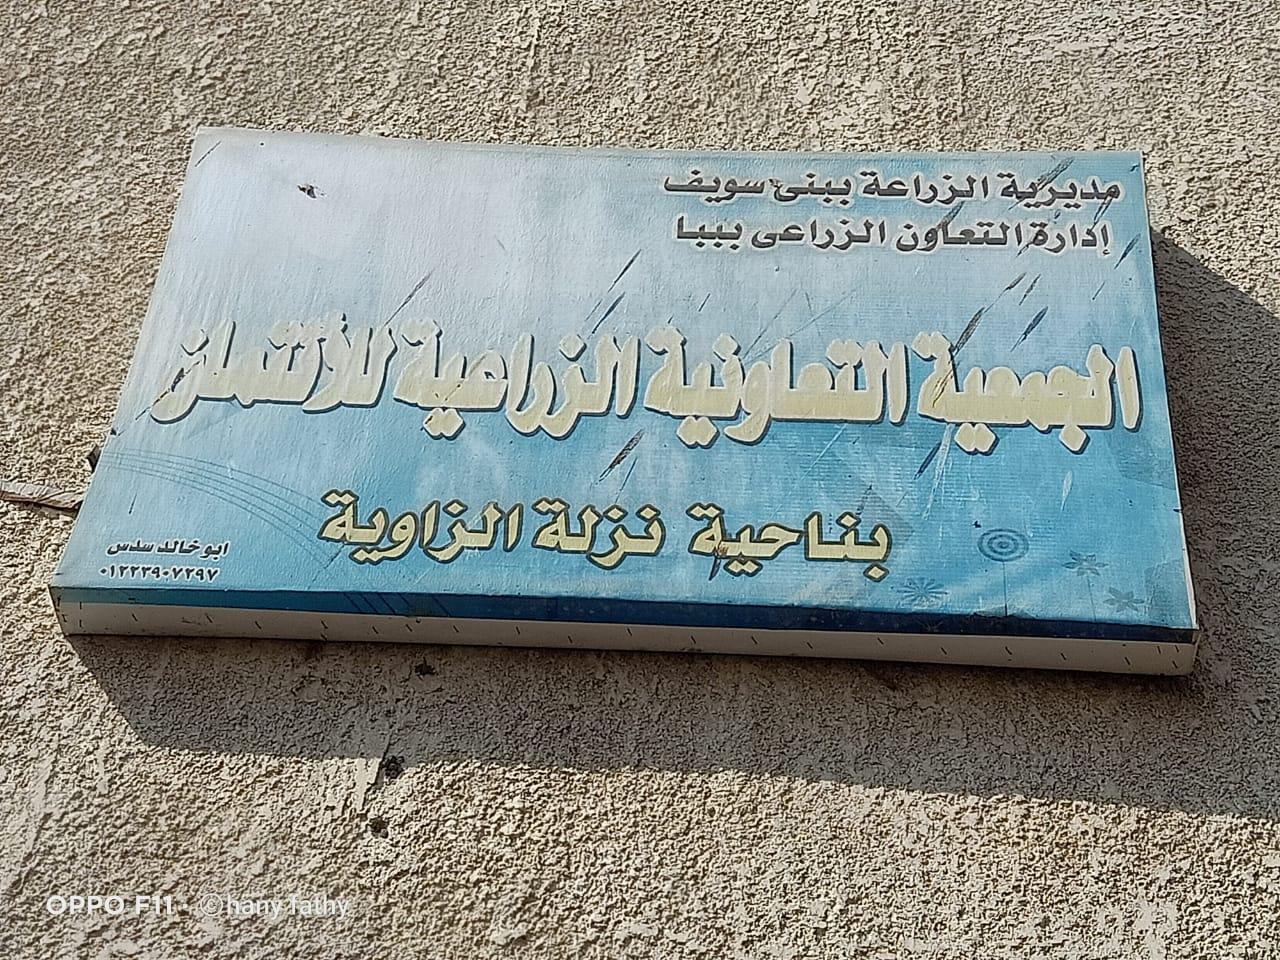 قرية نزلة الزاوية  عمار  التابعة لمركز ببا بمحافظة بنى سويف (3)